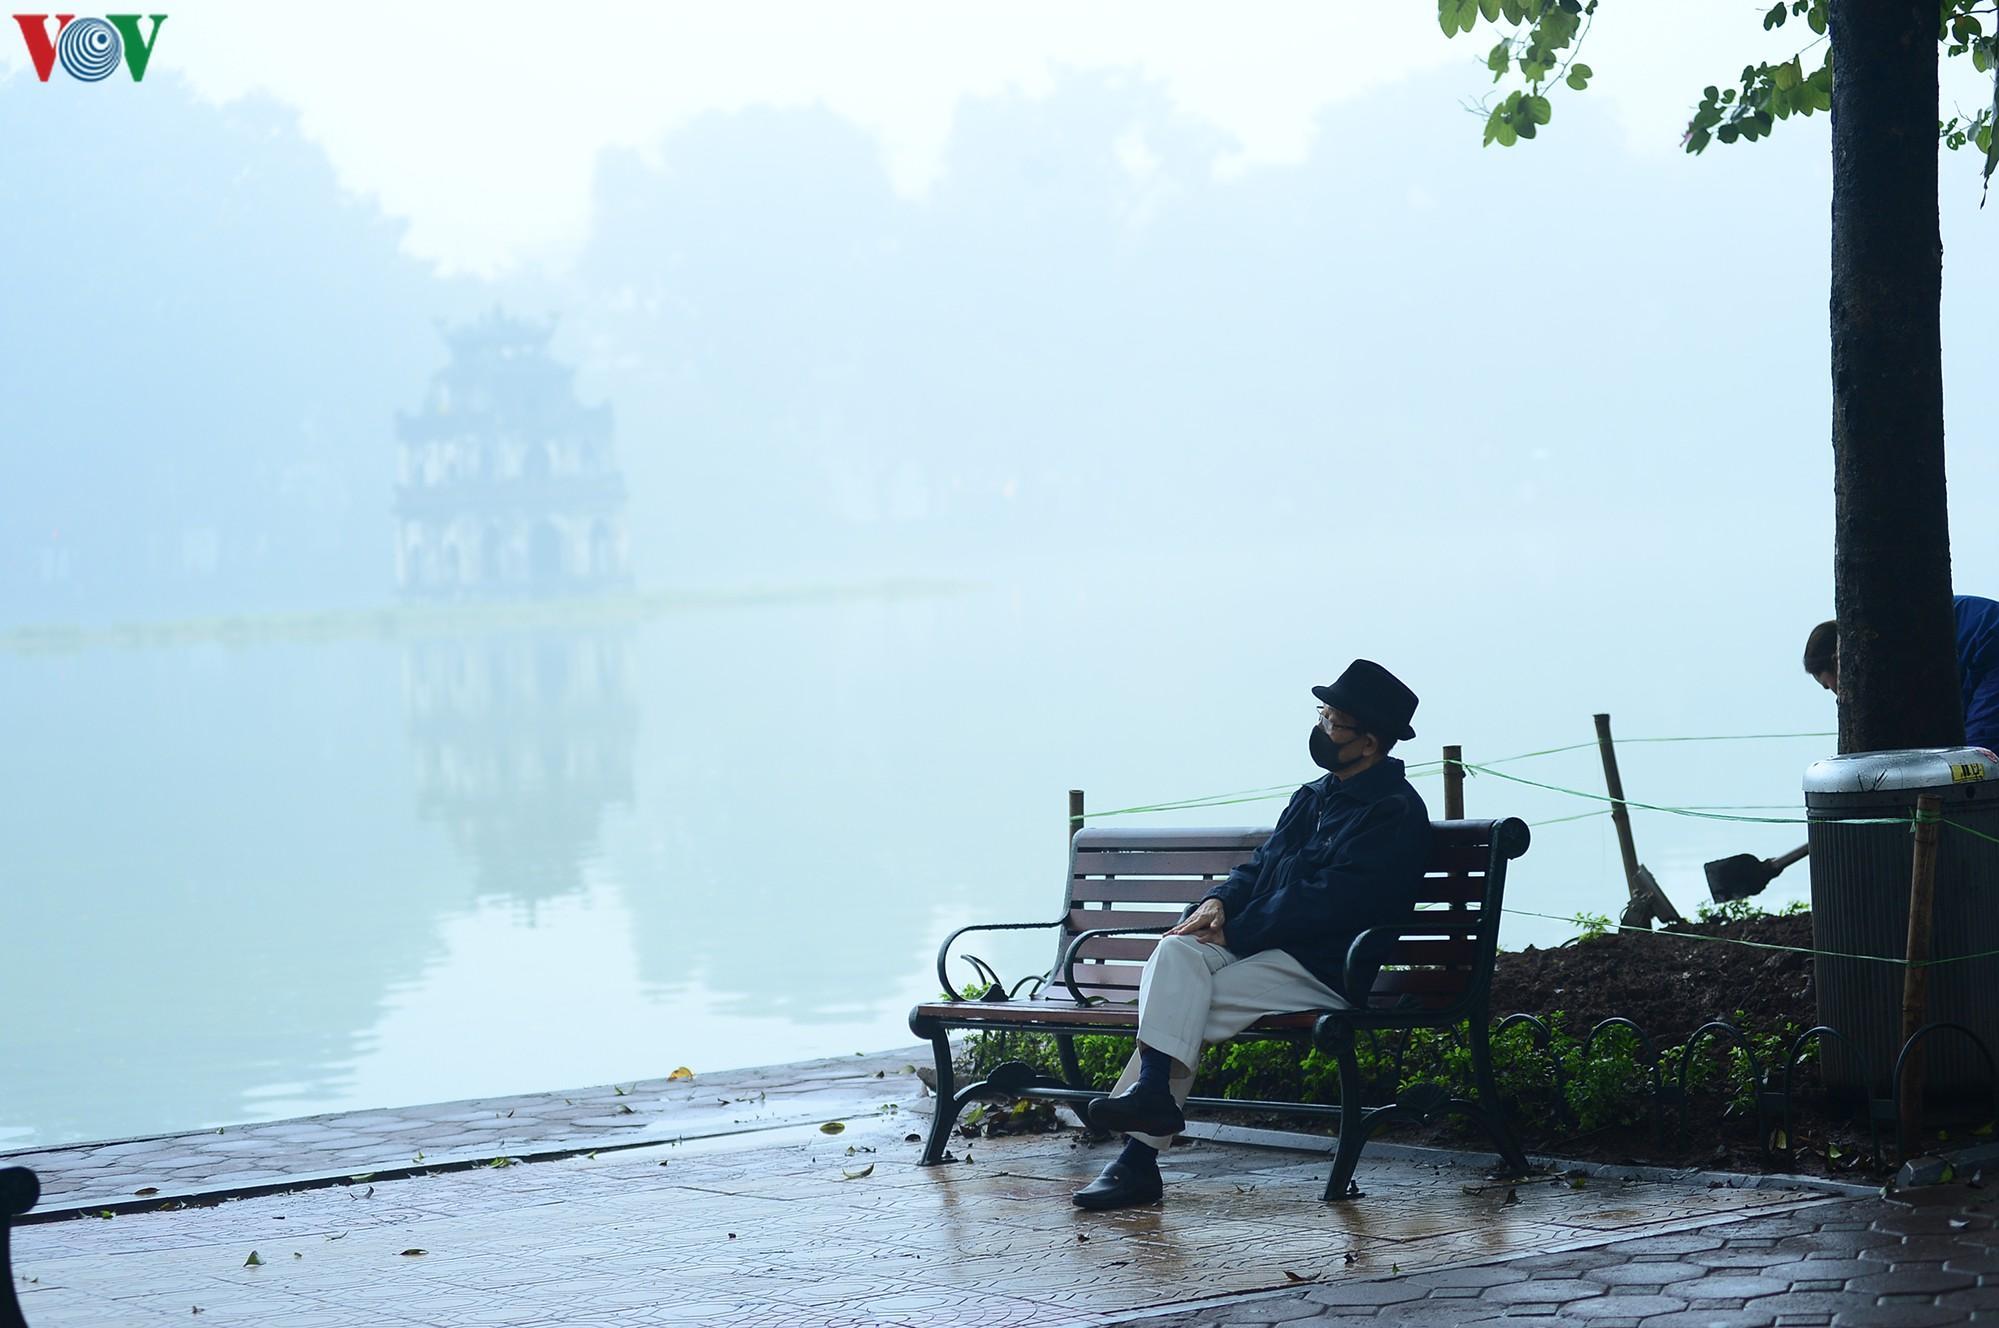 Hà Nội lại chìm trong sương mù dày đặc Ảnh 13